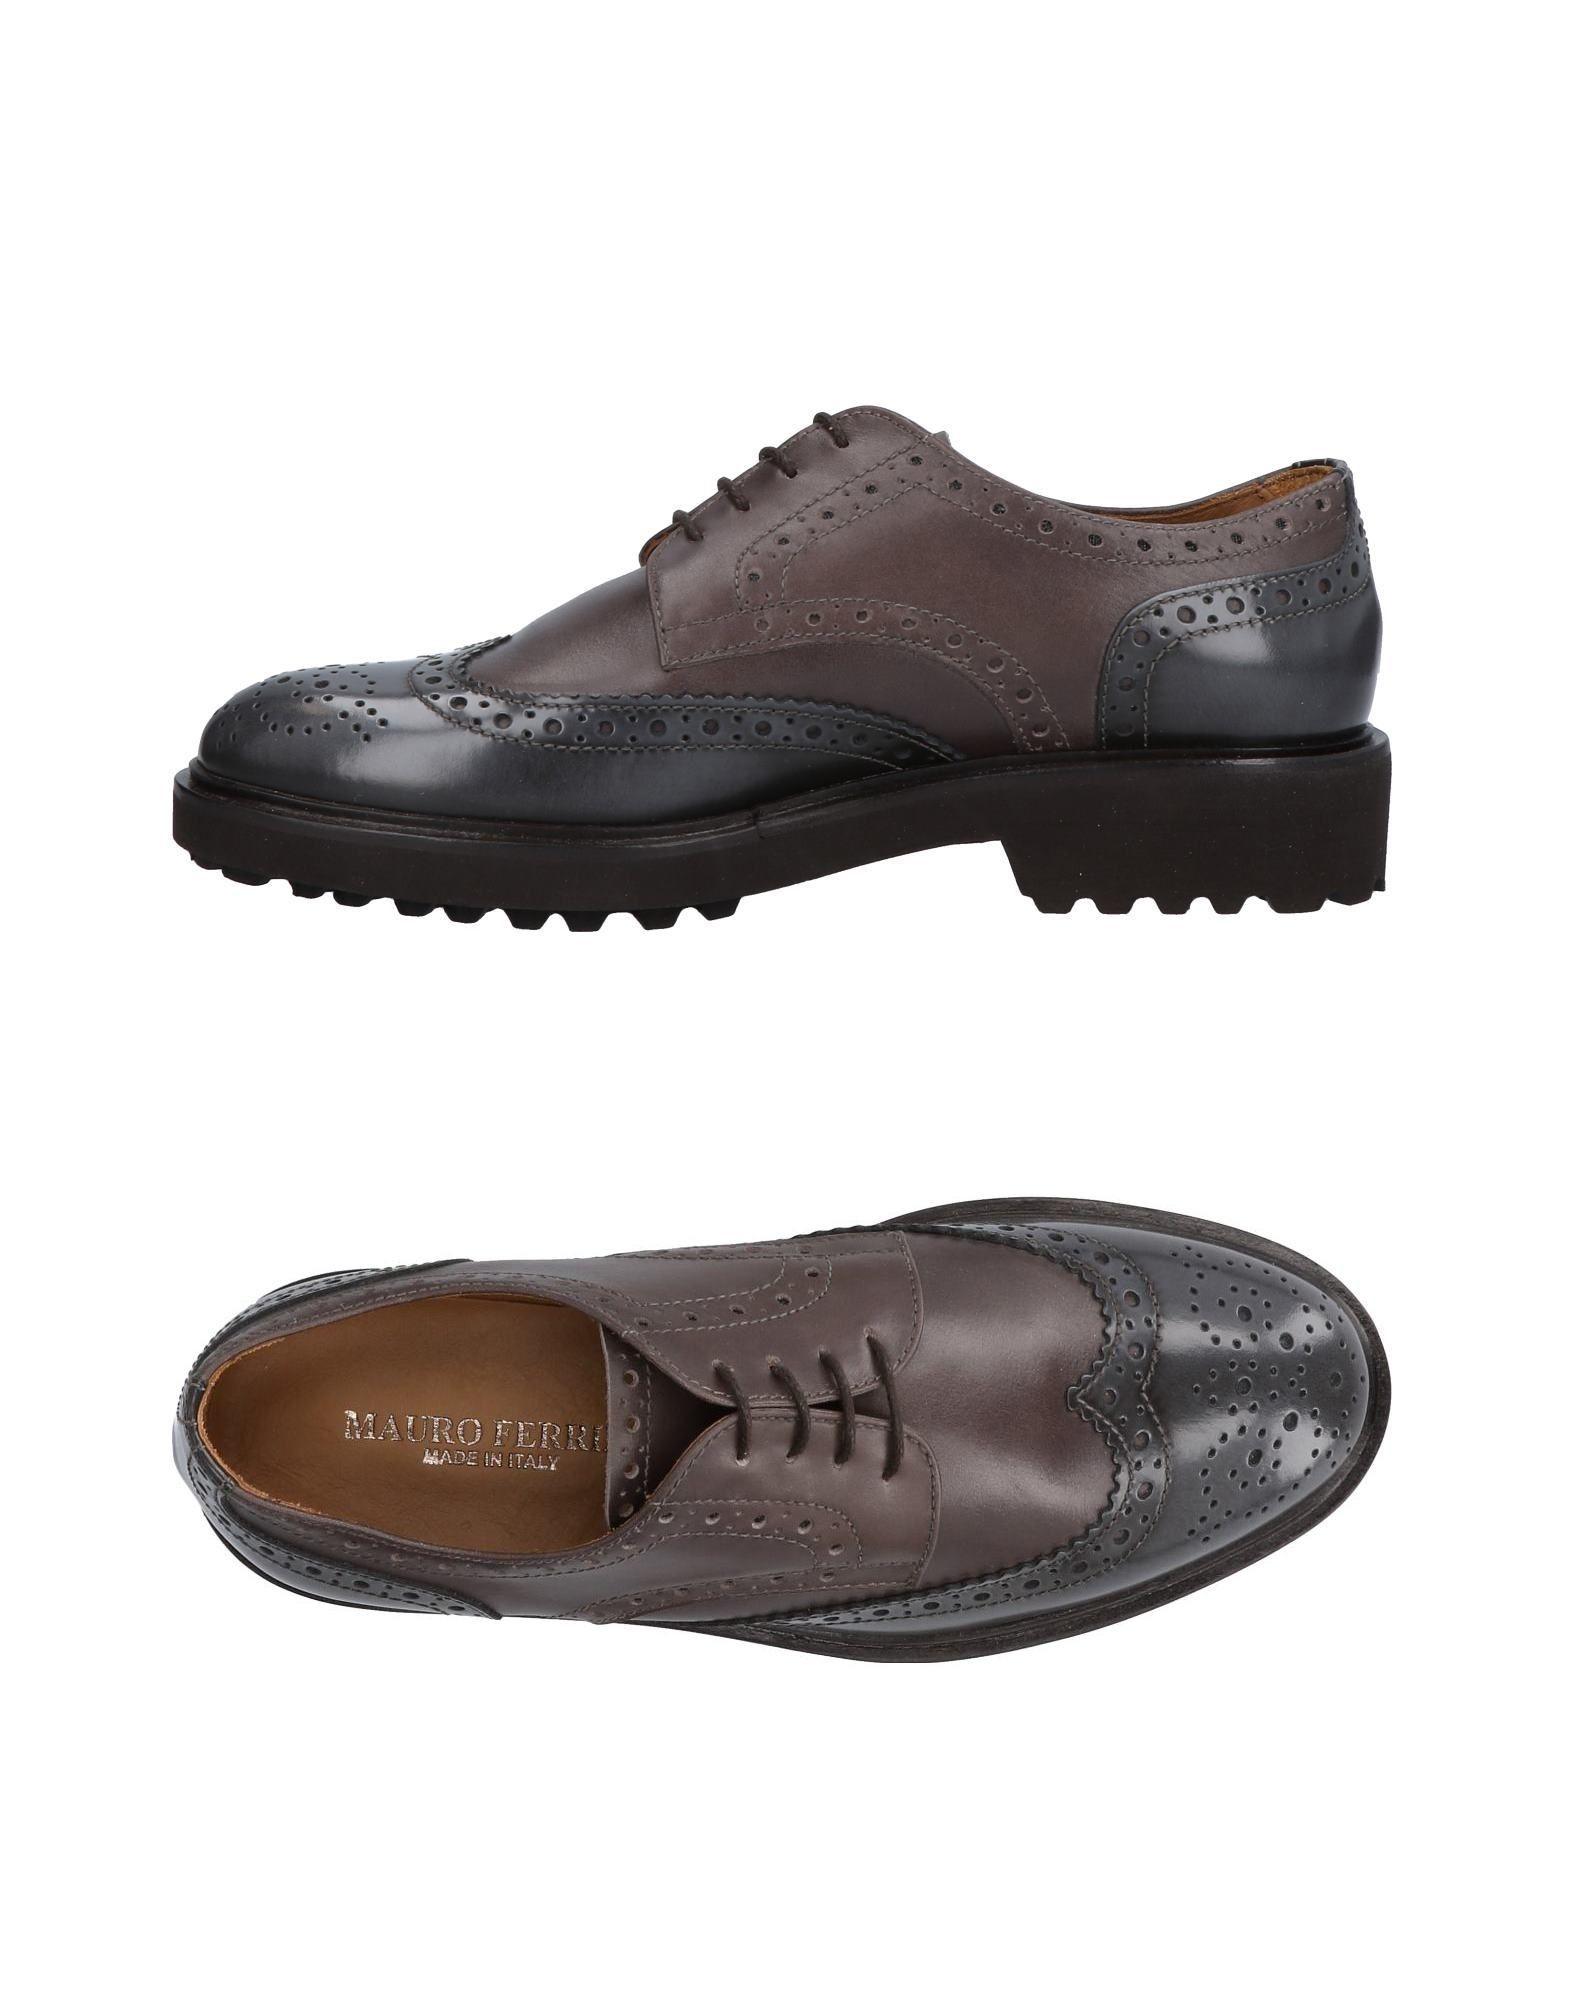 Mauro Ferrini Gute Schnürschuhe Damen  11460070QJ Gute Ferrini Qualität beliebte Schuhe 79deed